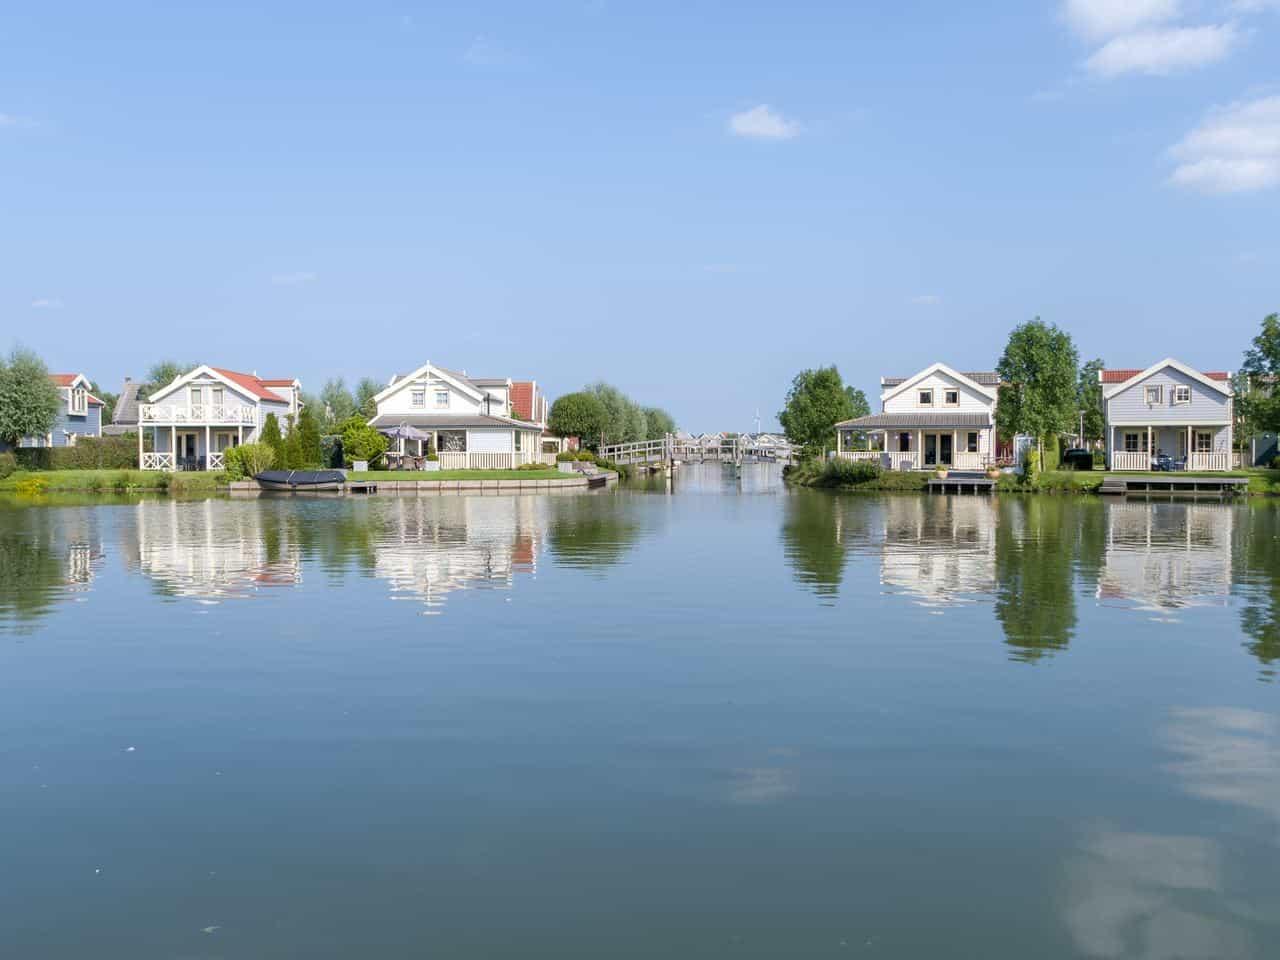 Landal Vakantiepark Zuytland Buiten in Simonshaven, Zuid-Holland